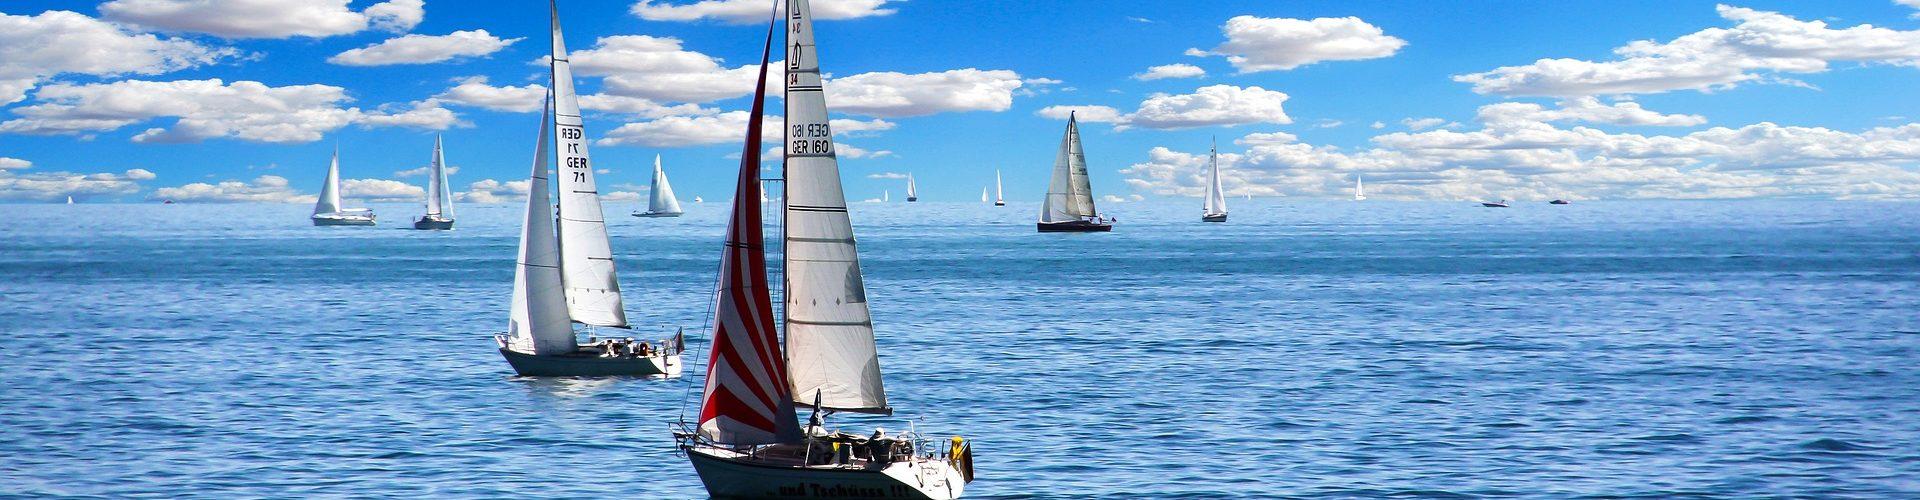 segeln lernen in Seedorf segelschein machen in Seedorf 1920x500 - Segeln lernen in Seedorf